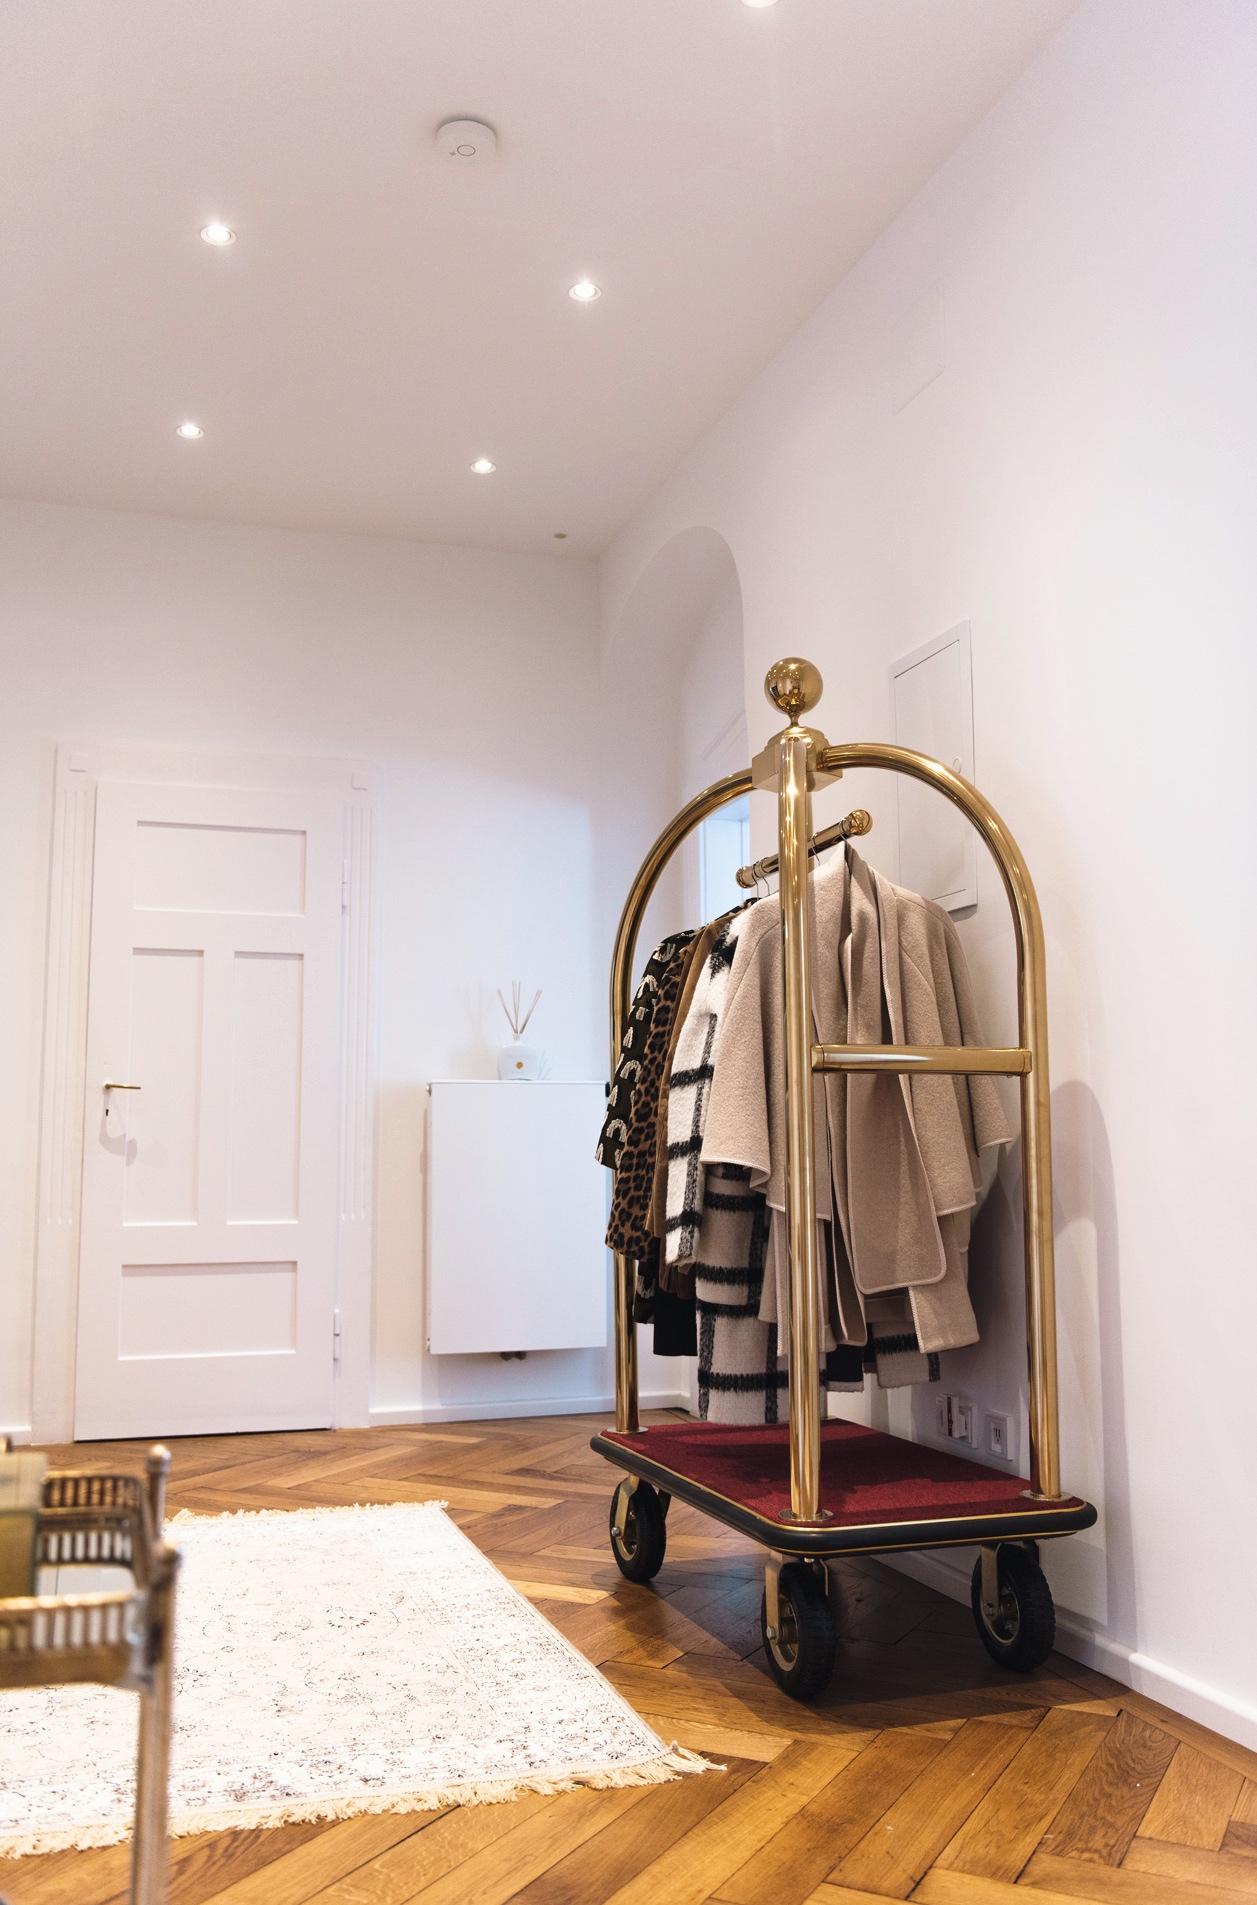 Hotelgepäckwagen-von-Contacto-hotelwagen-für-gepäck-gold-für-die-wohnung-garderobe-inspiration-blogger-living-flat-fashiioncarpet